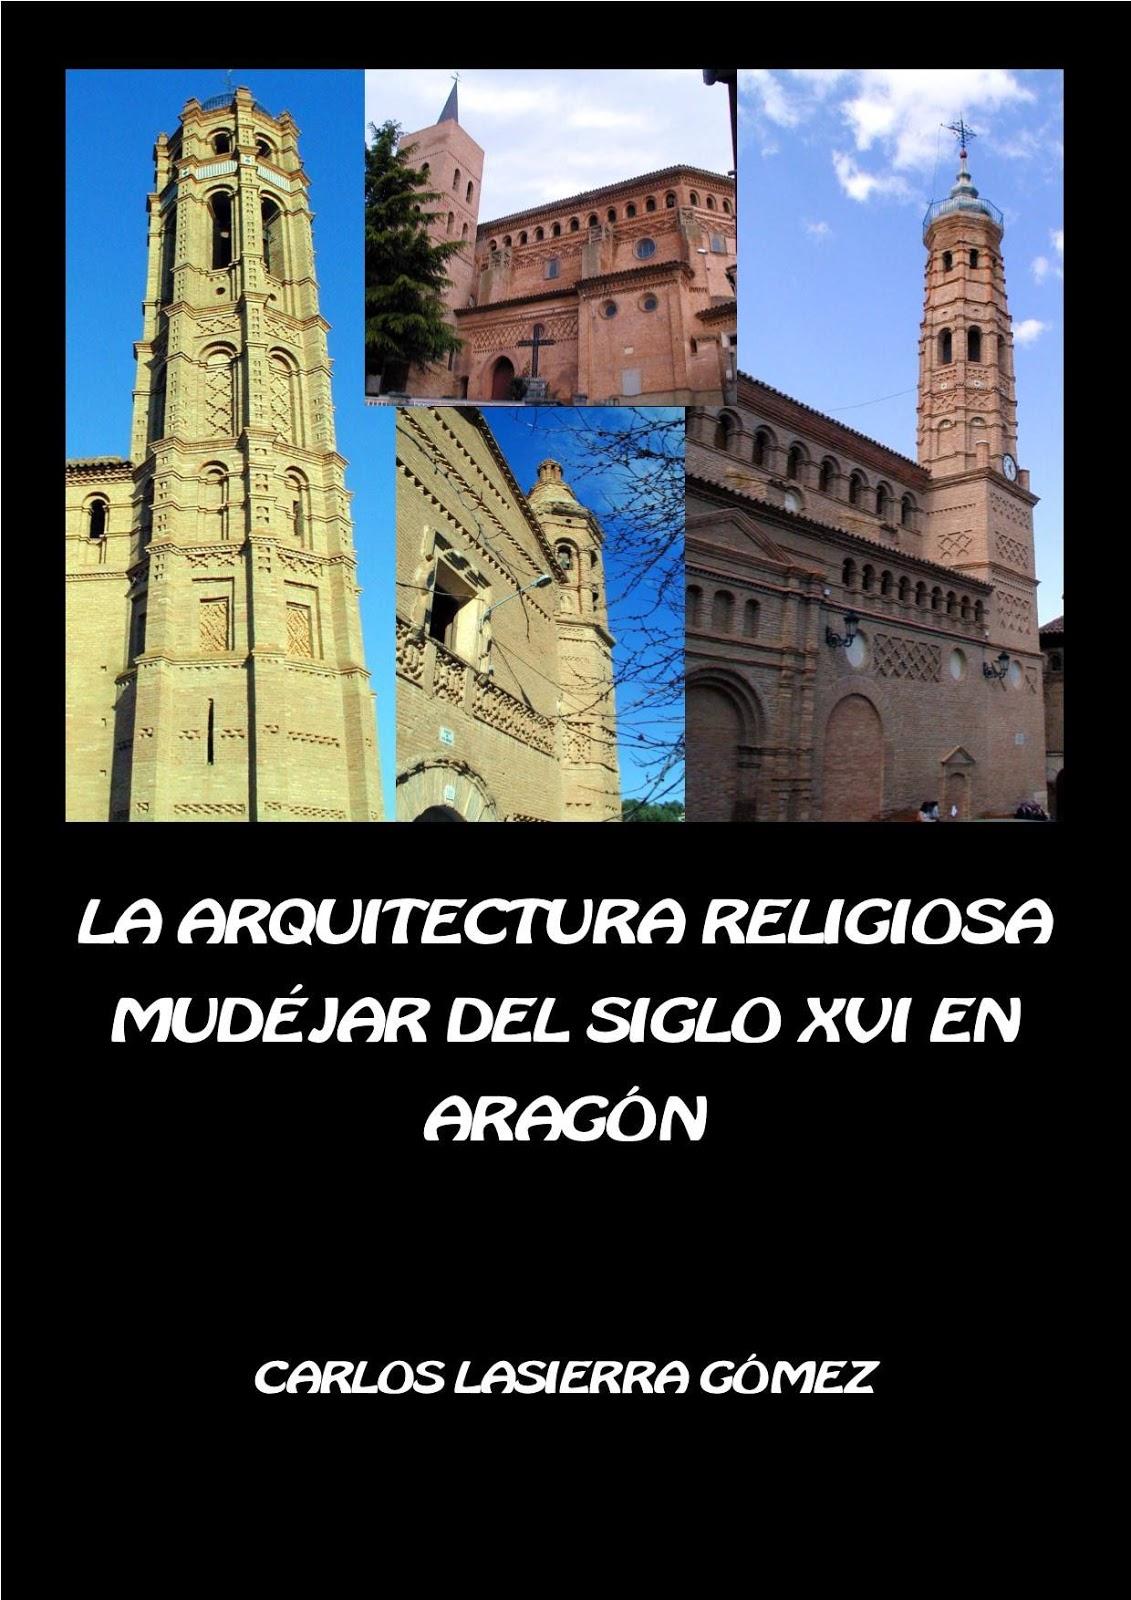 El retabillo arquitectura mudejar en arag n for Arquitectura mudejar